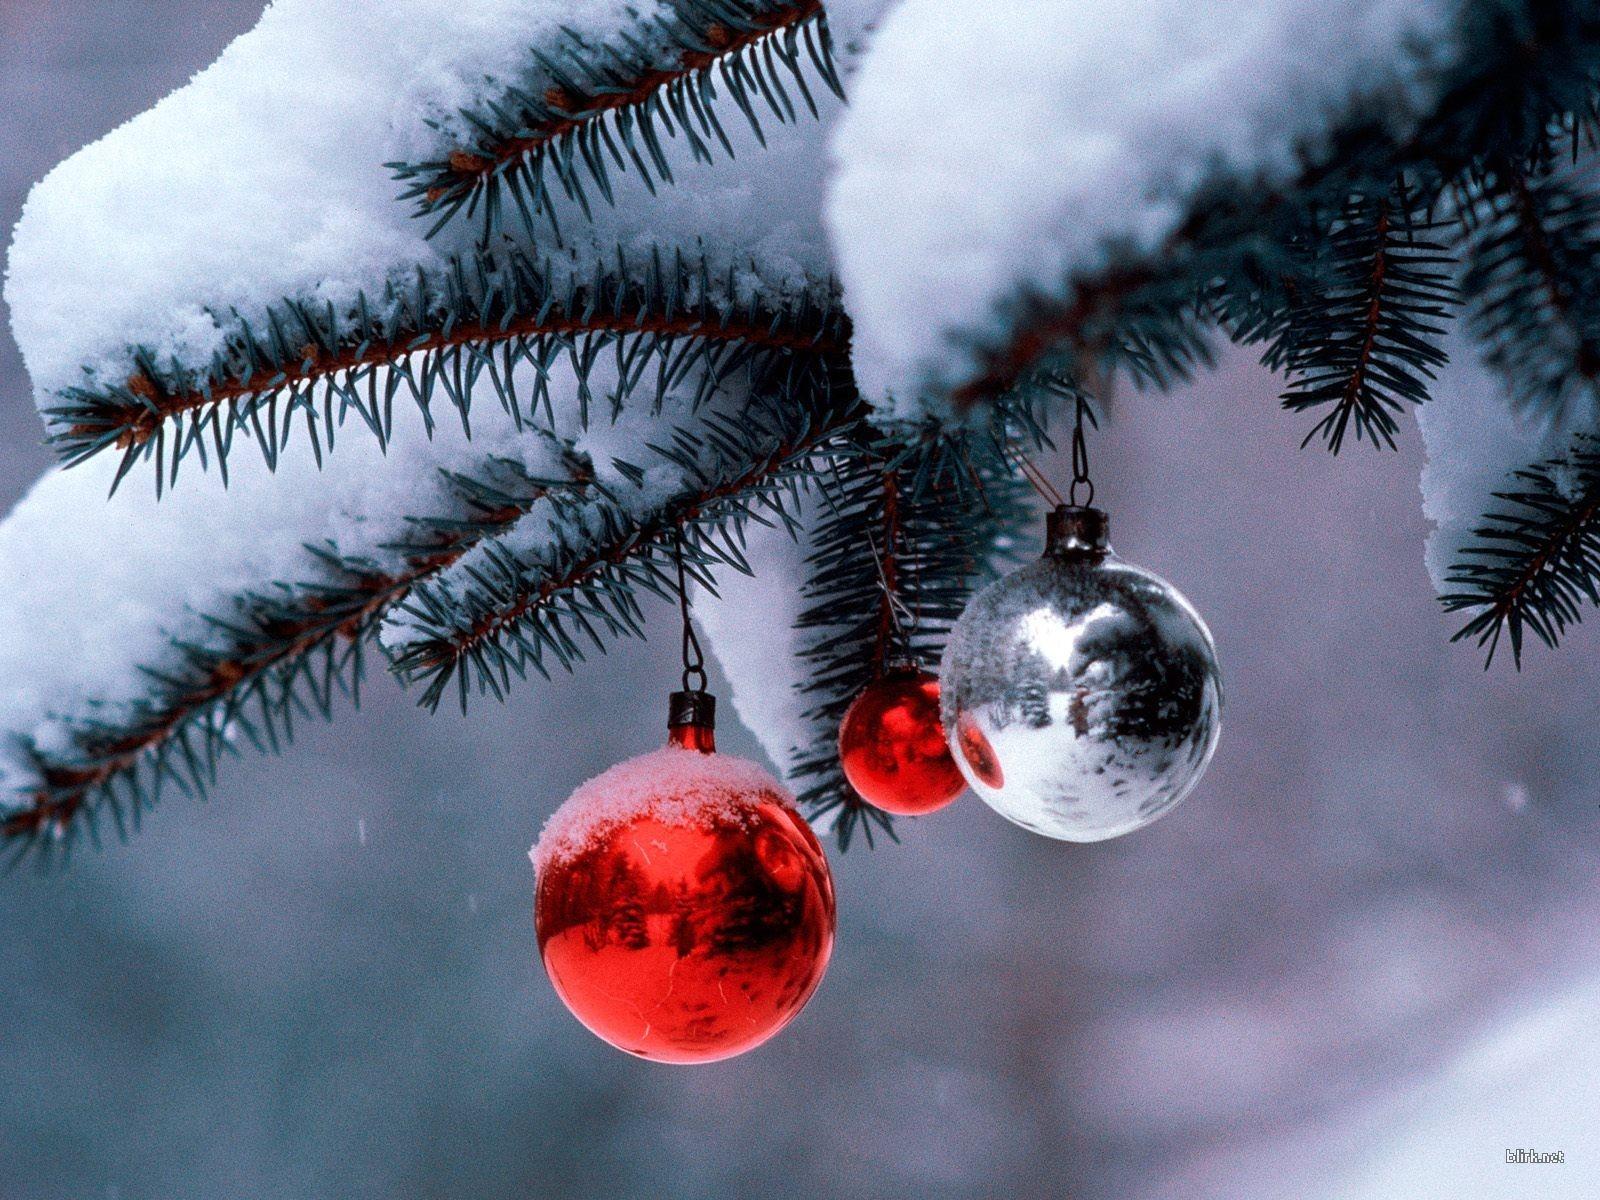 http://4.bp.blogspot.com/_brrsmWt5td0/TQowLyTHK4I/AAAAAAAAAYI/A6wboLjN8uY/s1600/merry-christmas-xmas-new-year-9.jpg